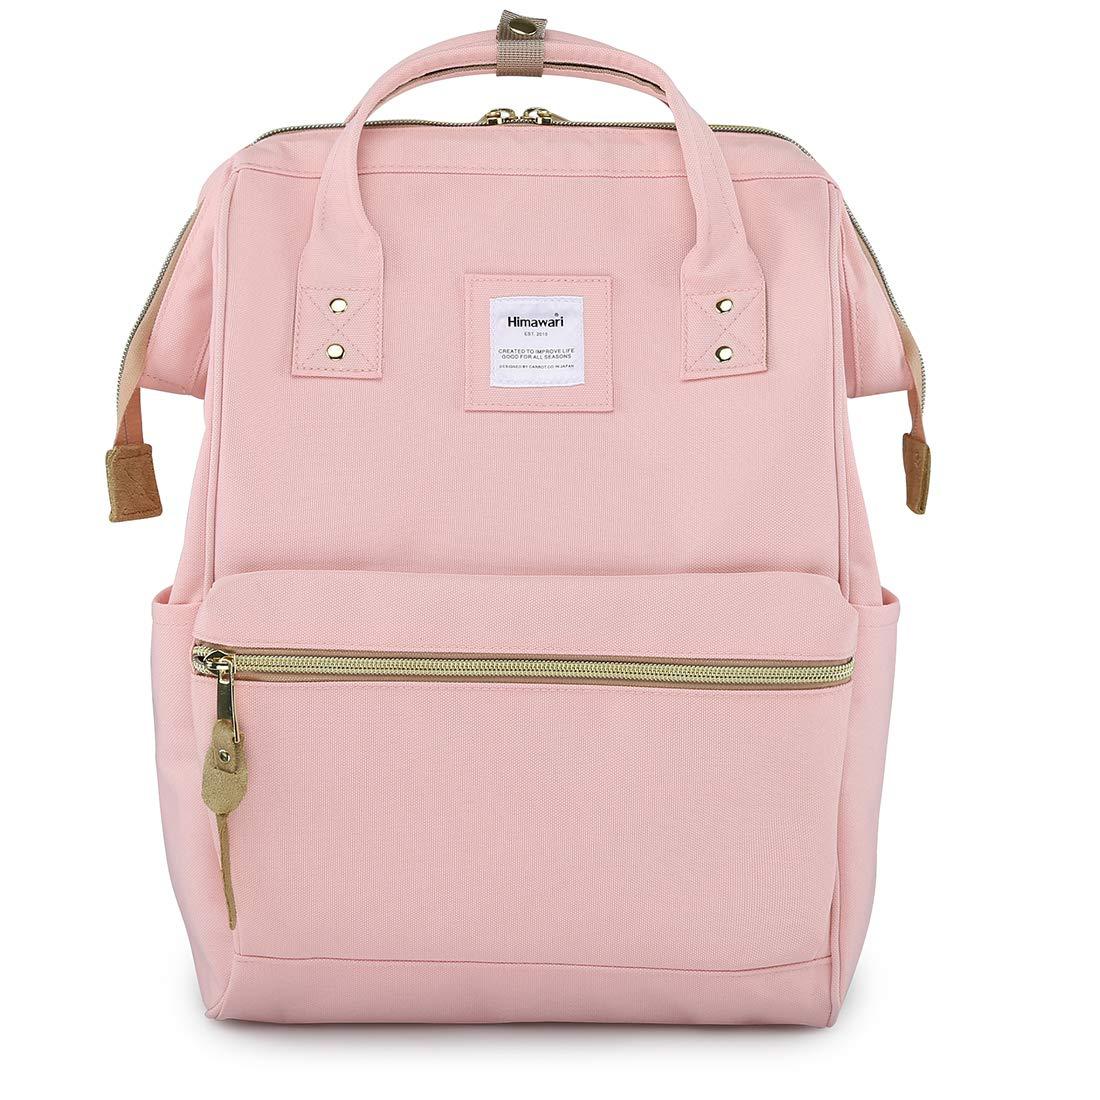 Himawari Travel Backpack Laptop Backpack Large Diaper Bag Doctor Bag Backpack School Backpack for Women&Men (H900d-L USB Pink) by himawari